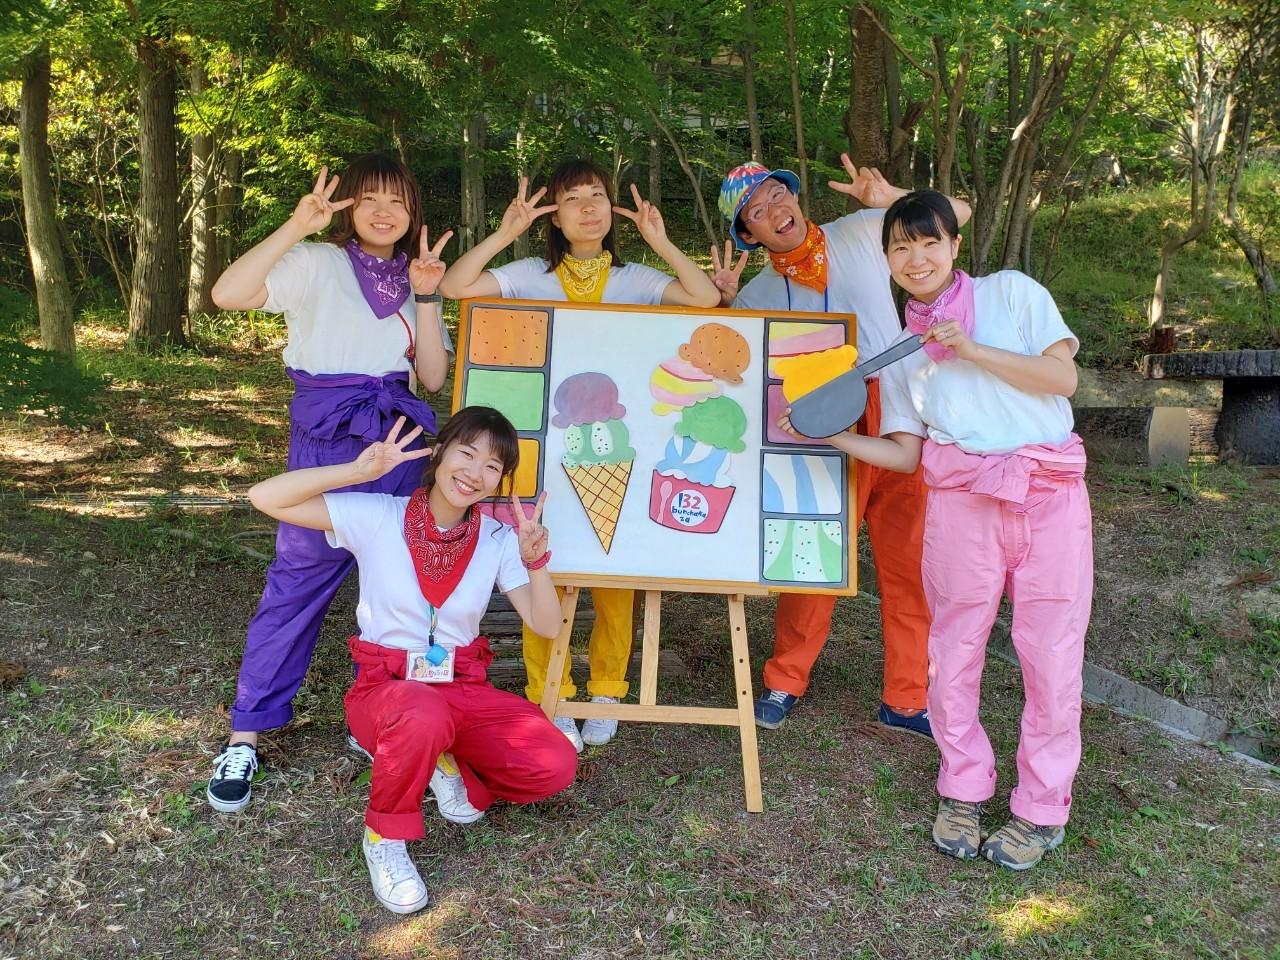 【8/4・日帰り】ぶんちゃか座 1DAY みんなでつくる おさわがせ★あそび工場 @ 加古川市立少年自然の家